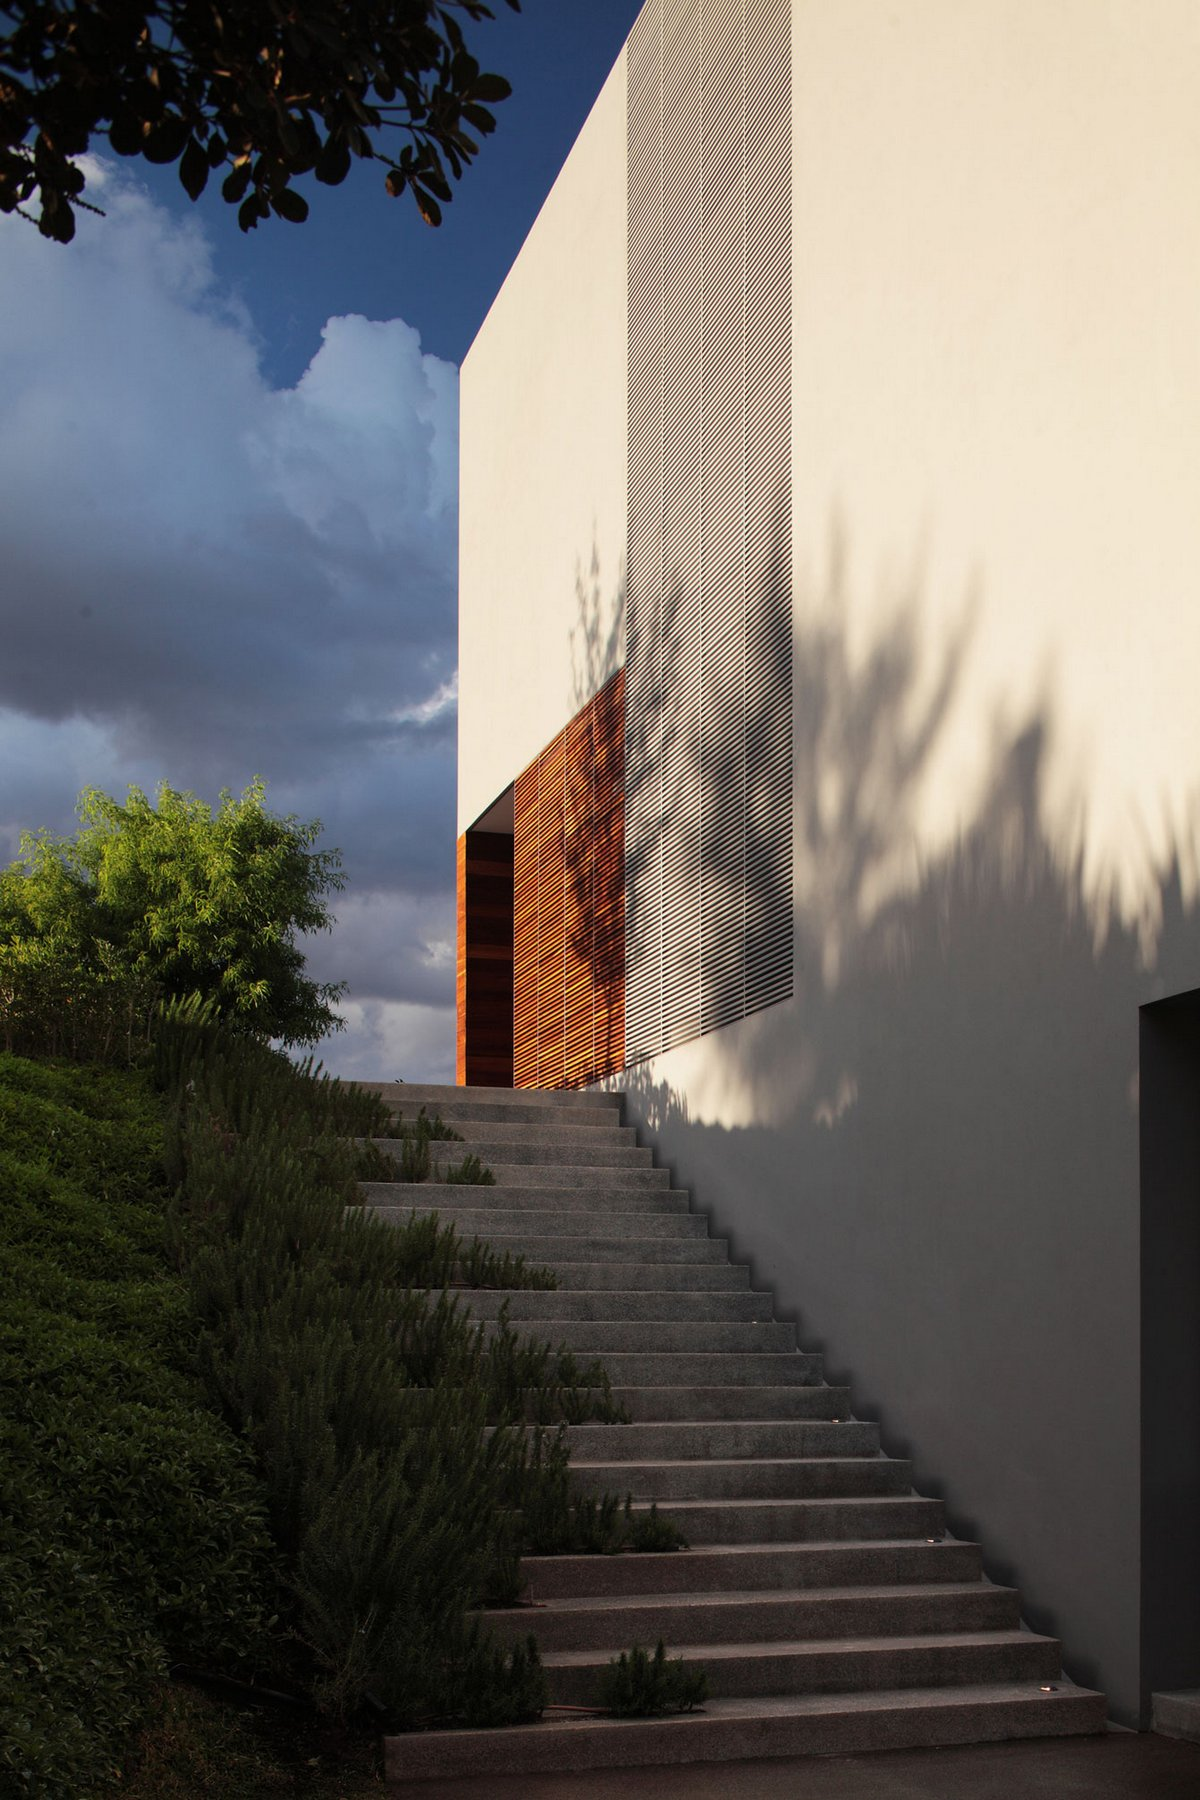 особняки в Мексике, Alexanderson Arquitectos, IC House, терраса на крыше дома, дома в Мексике, обзоры частных домов, обзоры особняков, двор внутри дома